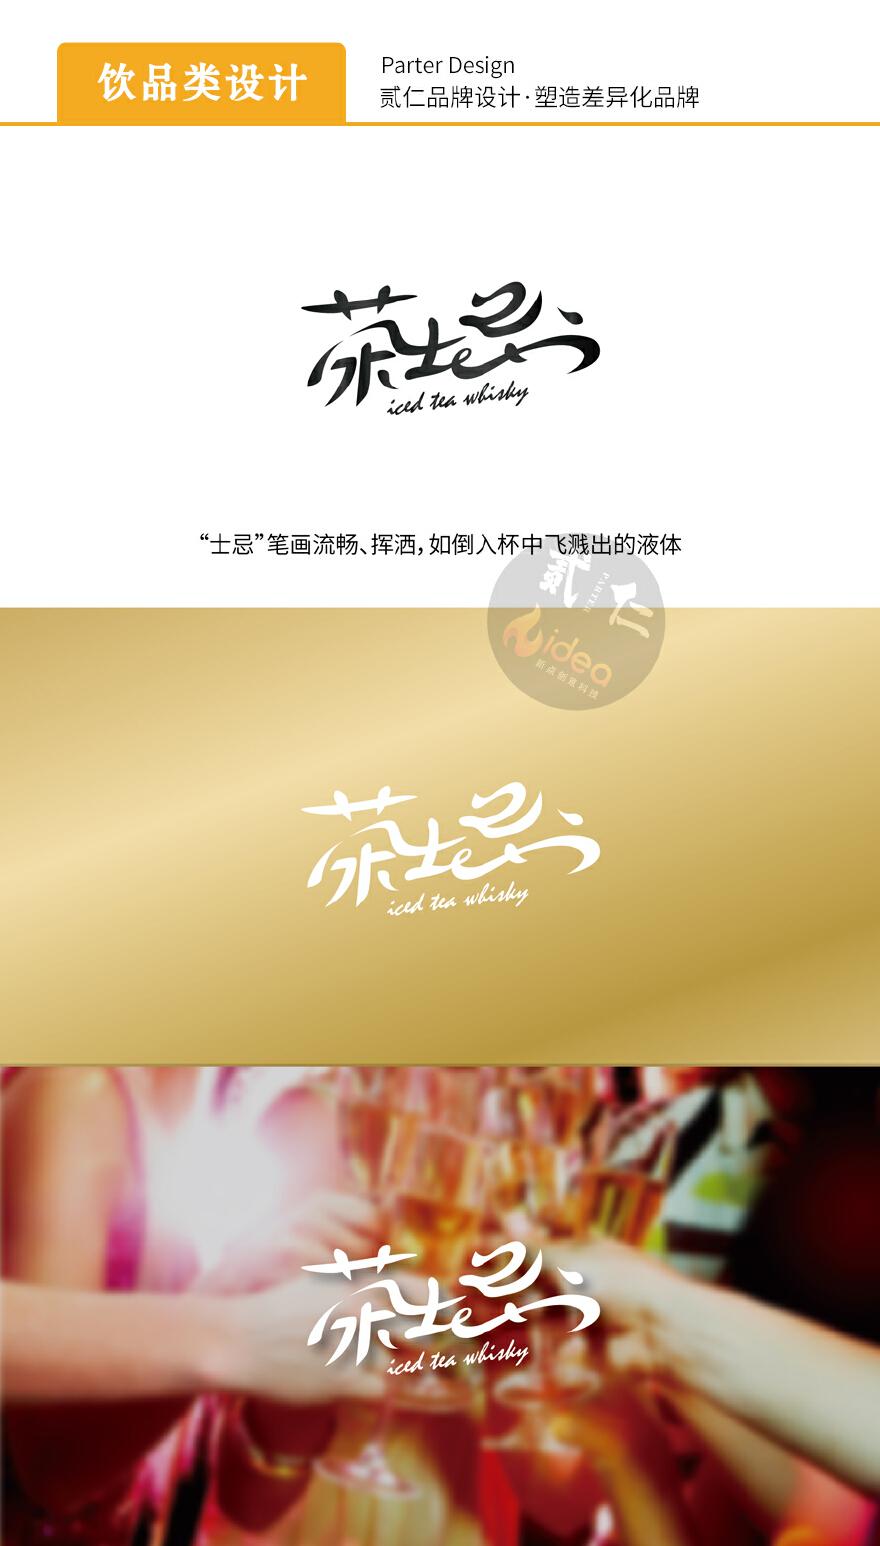 茶士忌(预调饮品)logo+包装设计【贰仁品牌设计】